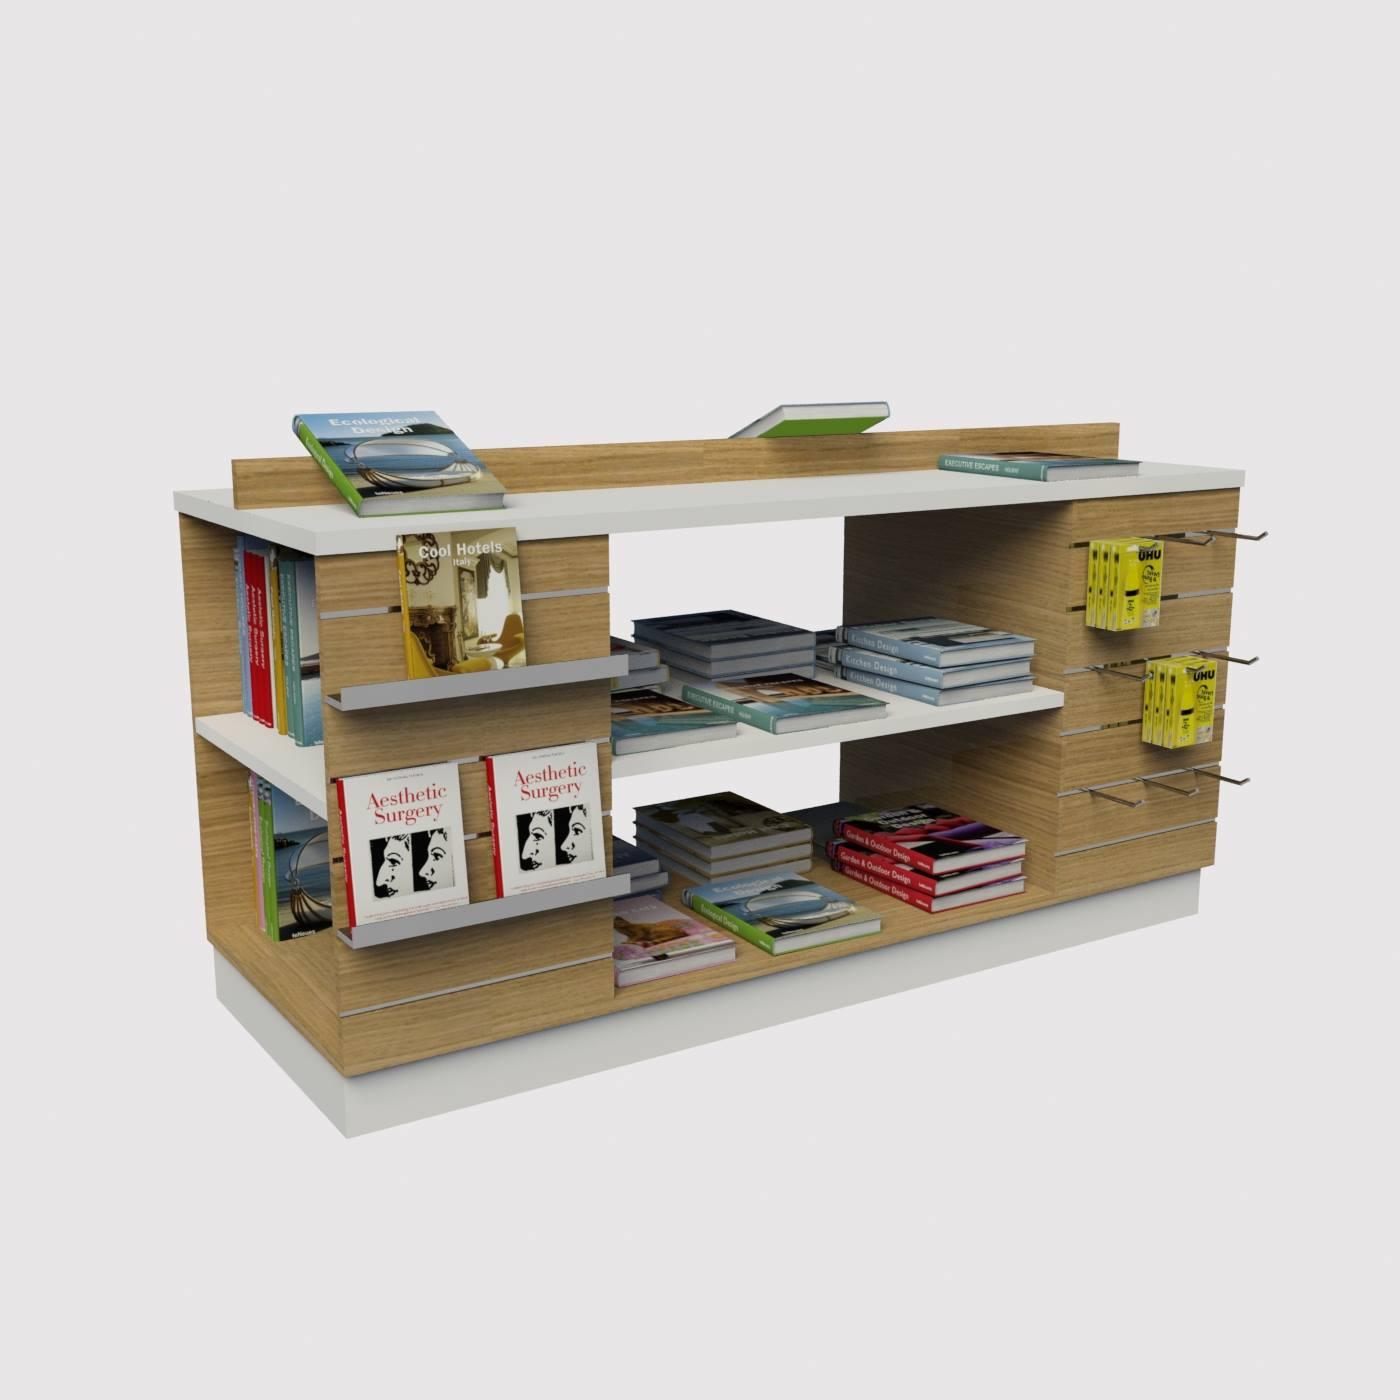 έπιπλα για βιβλιοπωλεία design έπιπλα για βιβλία προβολή διακόσμηση καταστήματος βιλιοπωλείου